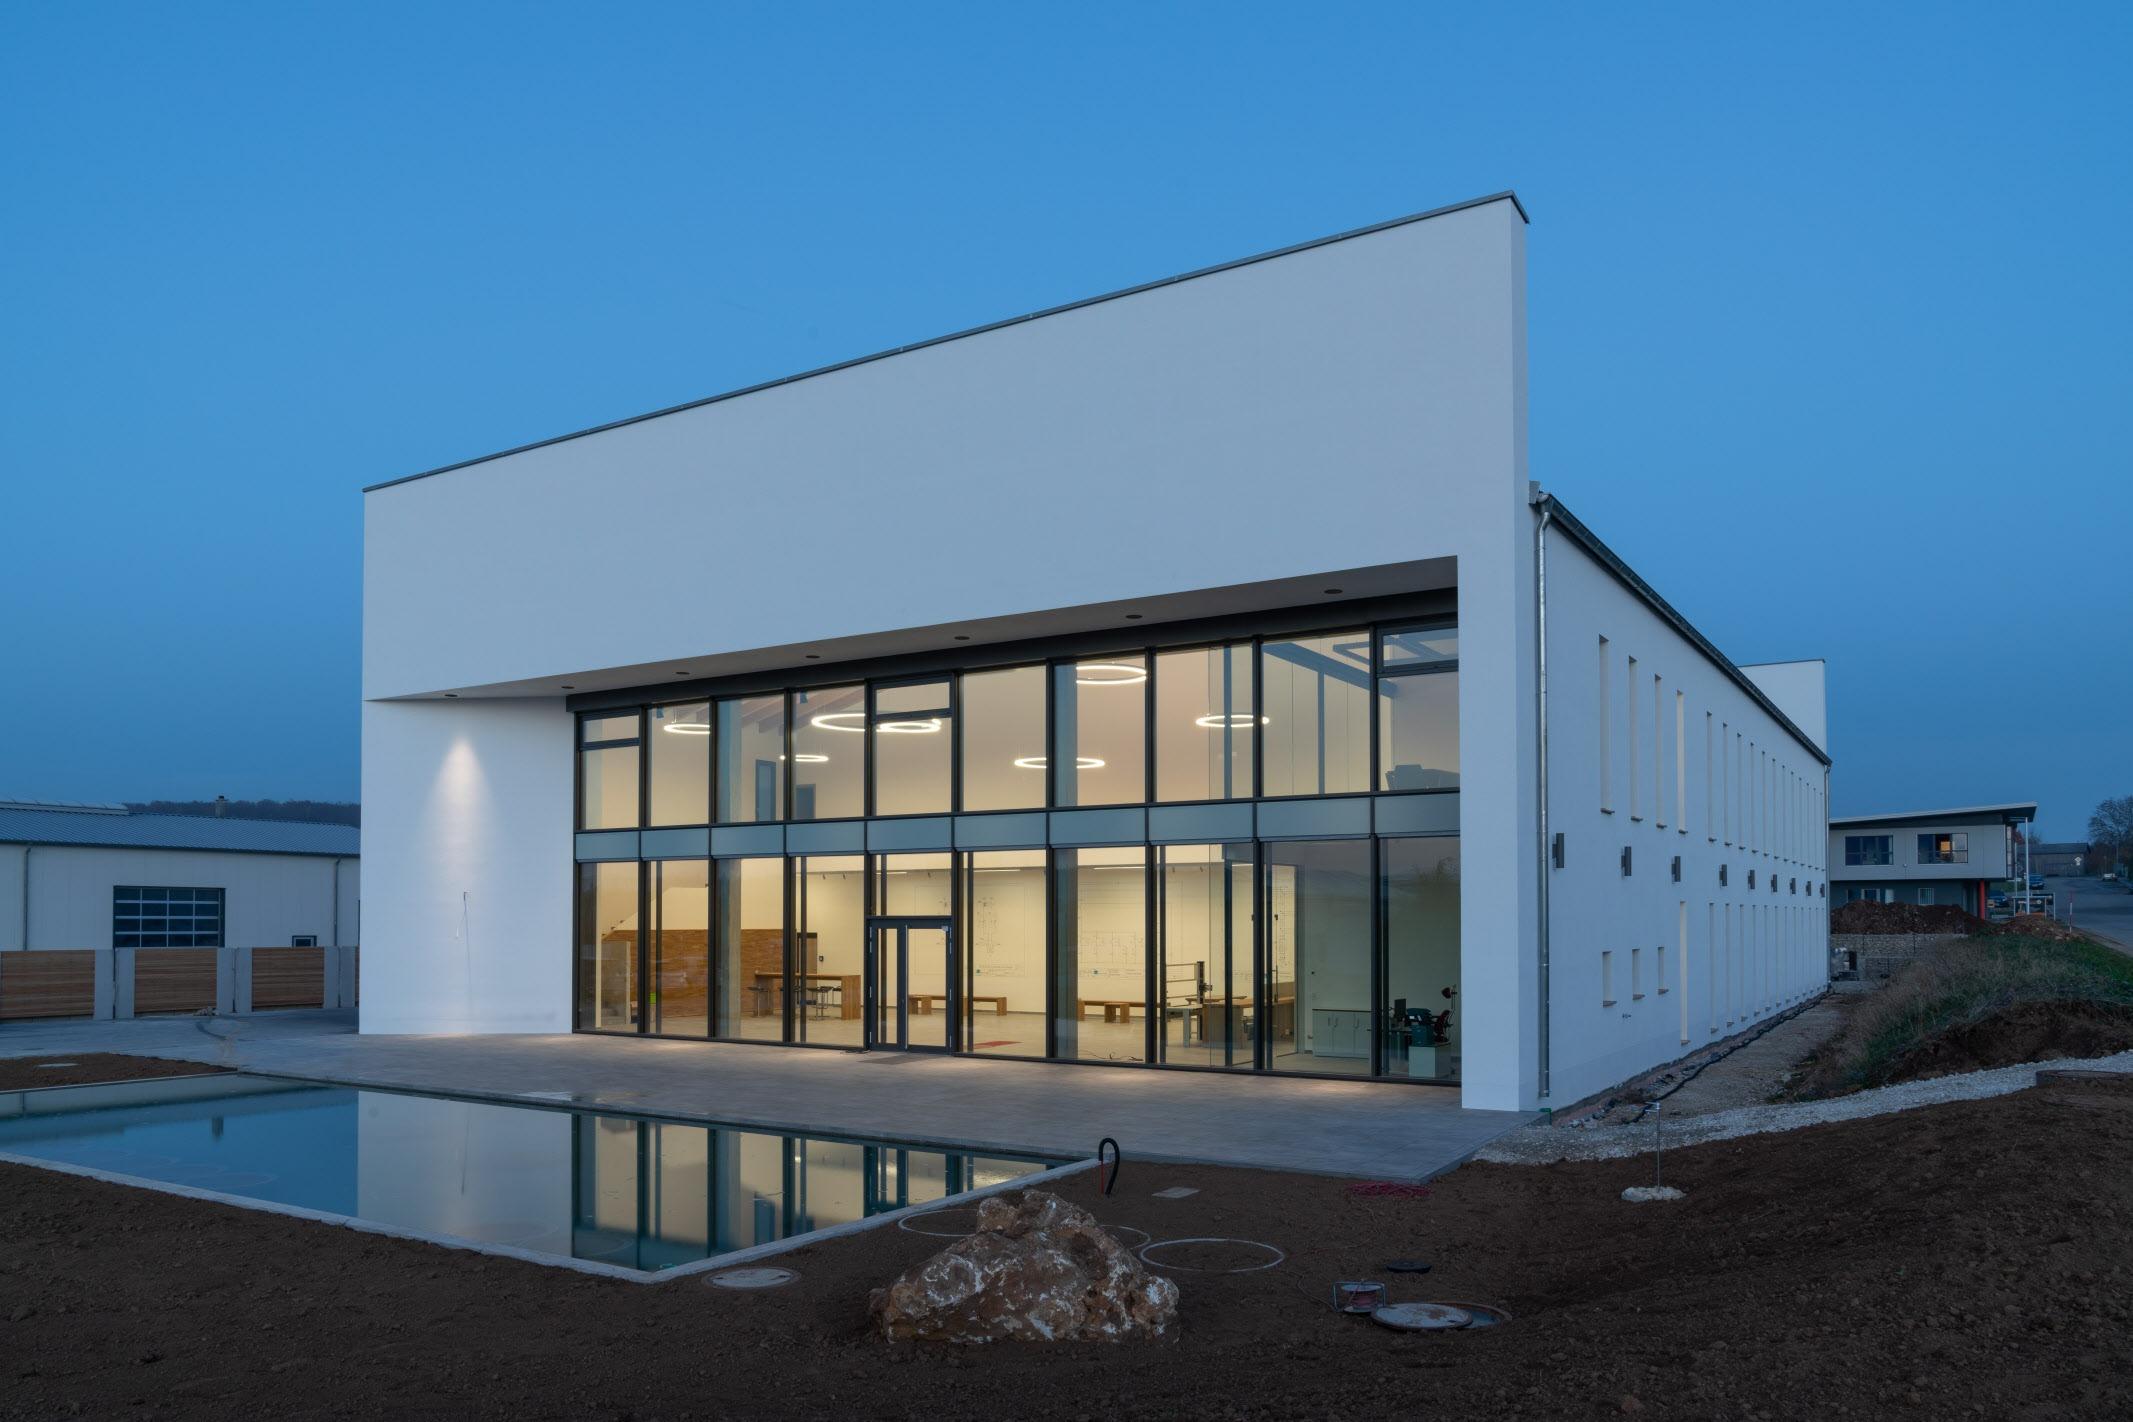 Das Schulungszentrum und Ausstellunggebäude ist in jeder Hinsicht ein perfekt gelungenes Projekt: sowohl für die Wachstums- und Entfaltungsmöglichkeiten des Unternehmens, als auch als Beispiel für nachhaltiges Bauen mit massiven Mauern im Bereich des Industriebaus. Foto: Architekturbüro Eckerle